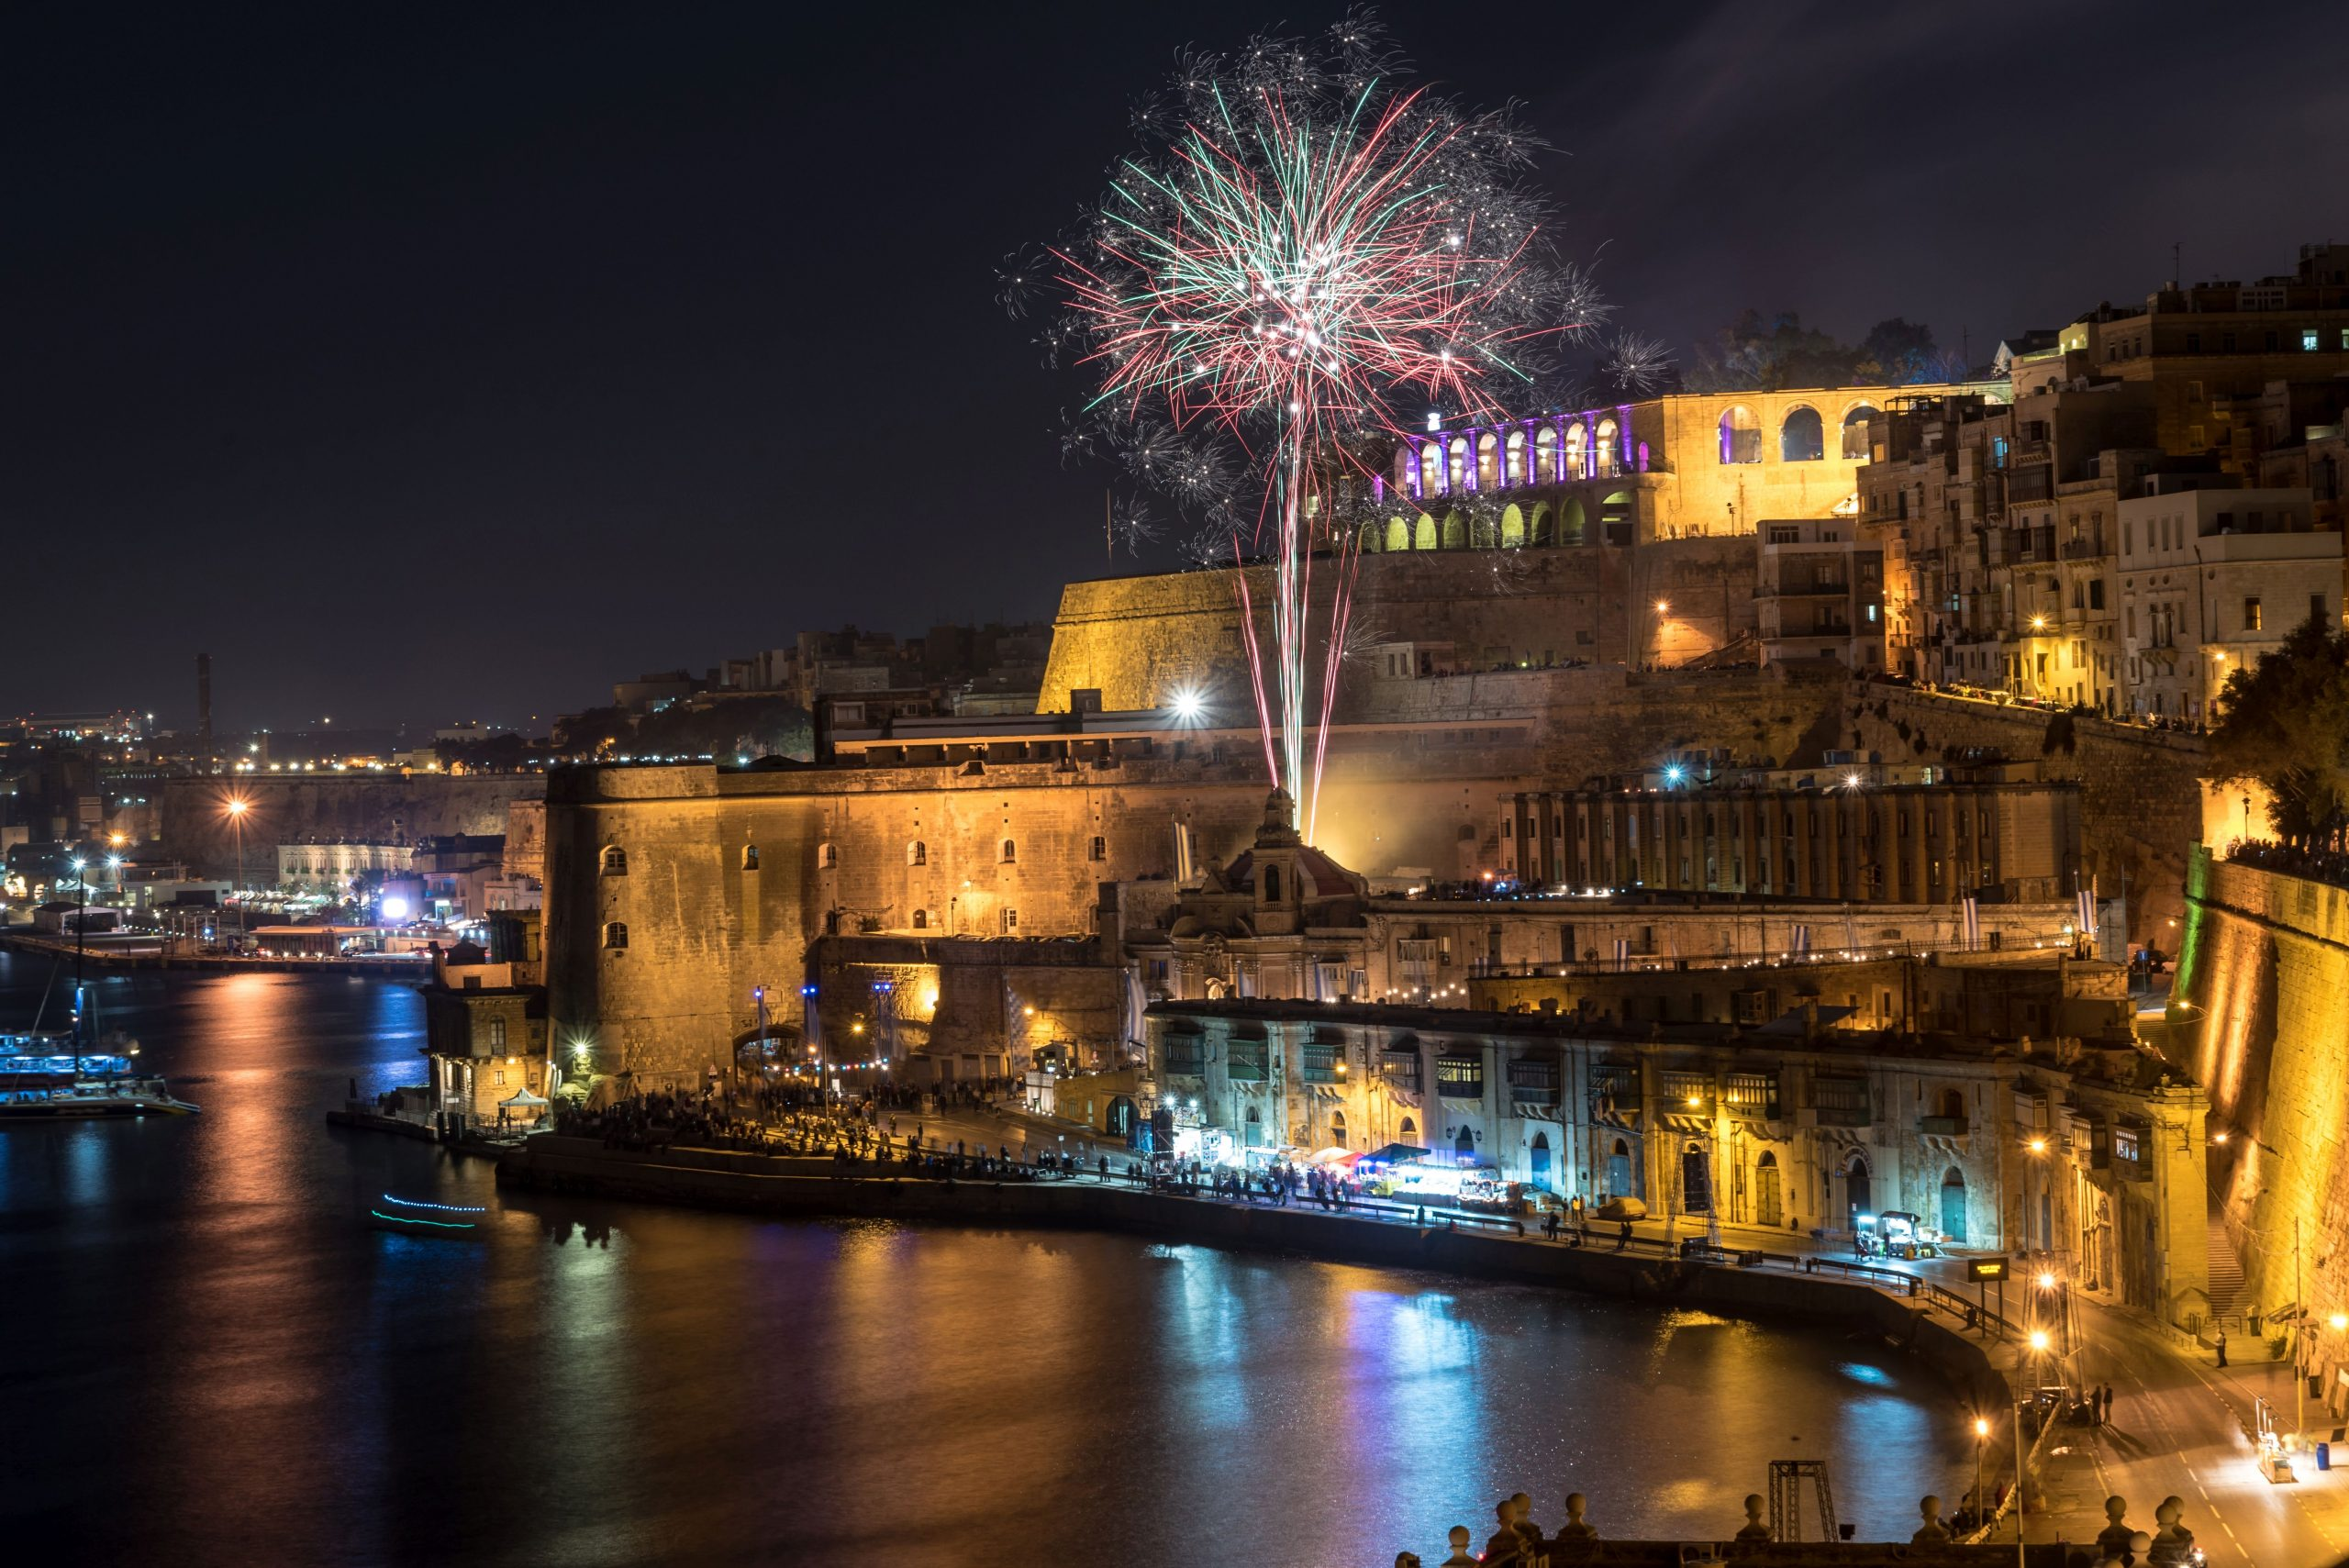 HOTEL TOPAZ 3*, SOBA 1/2 STD, NOČITEV Z ZAJTRKOM, Novoletna Malta 6 dni - čarter iz Ljubljane